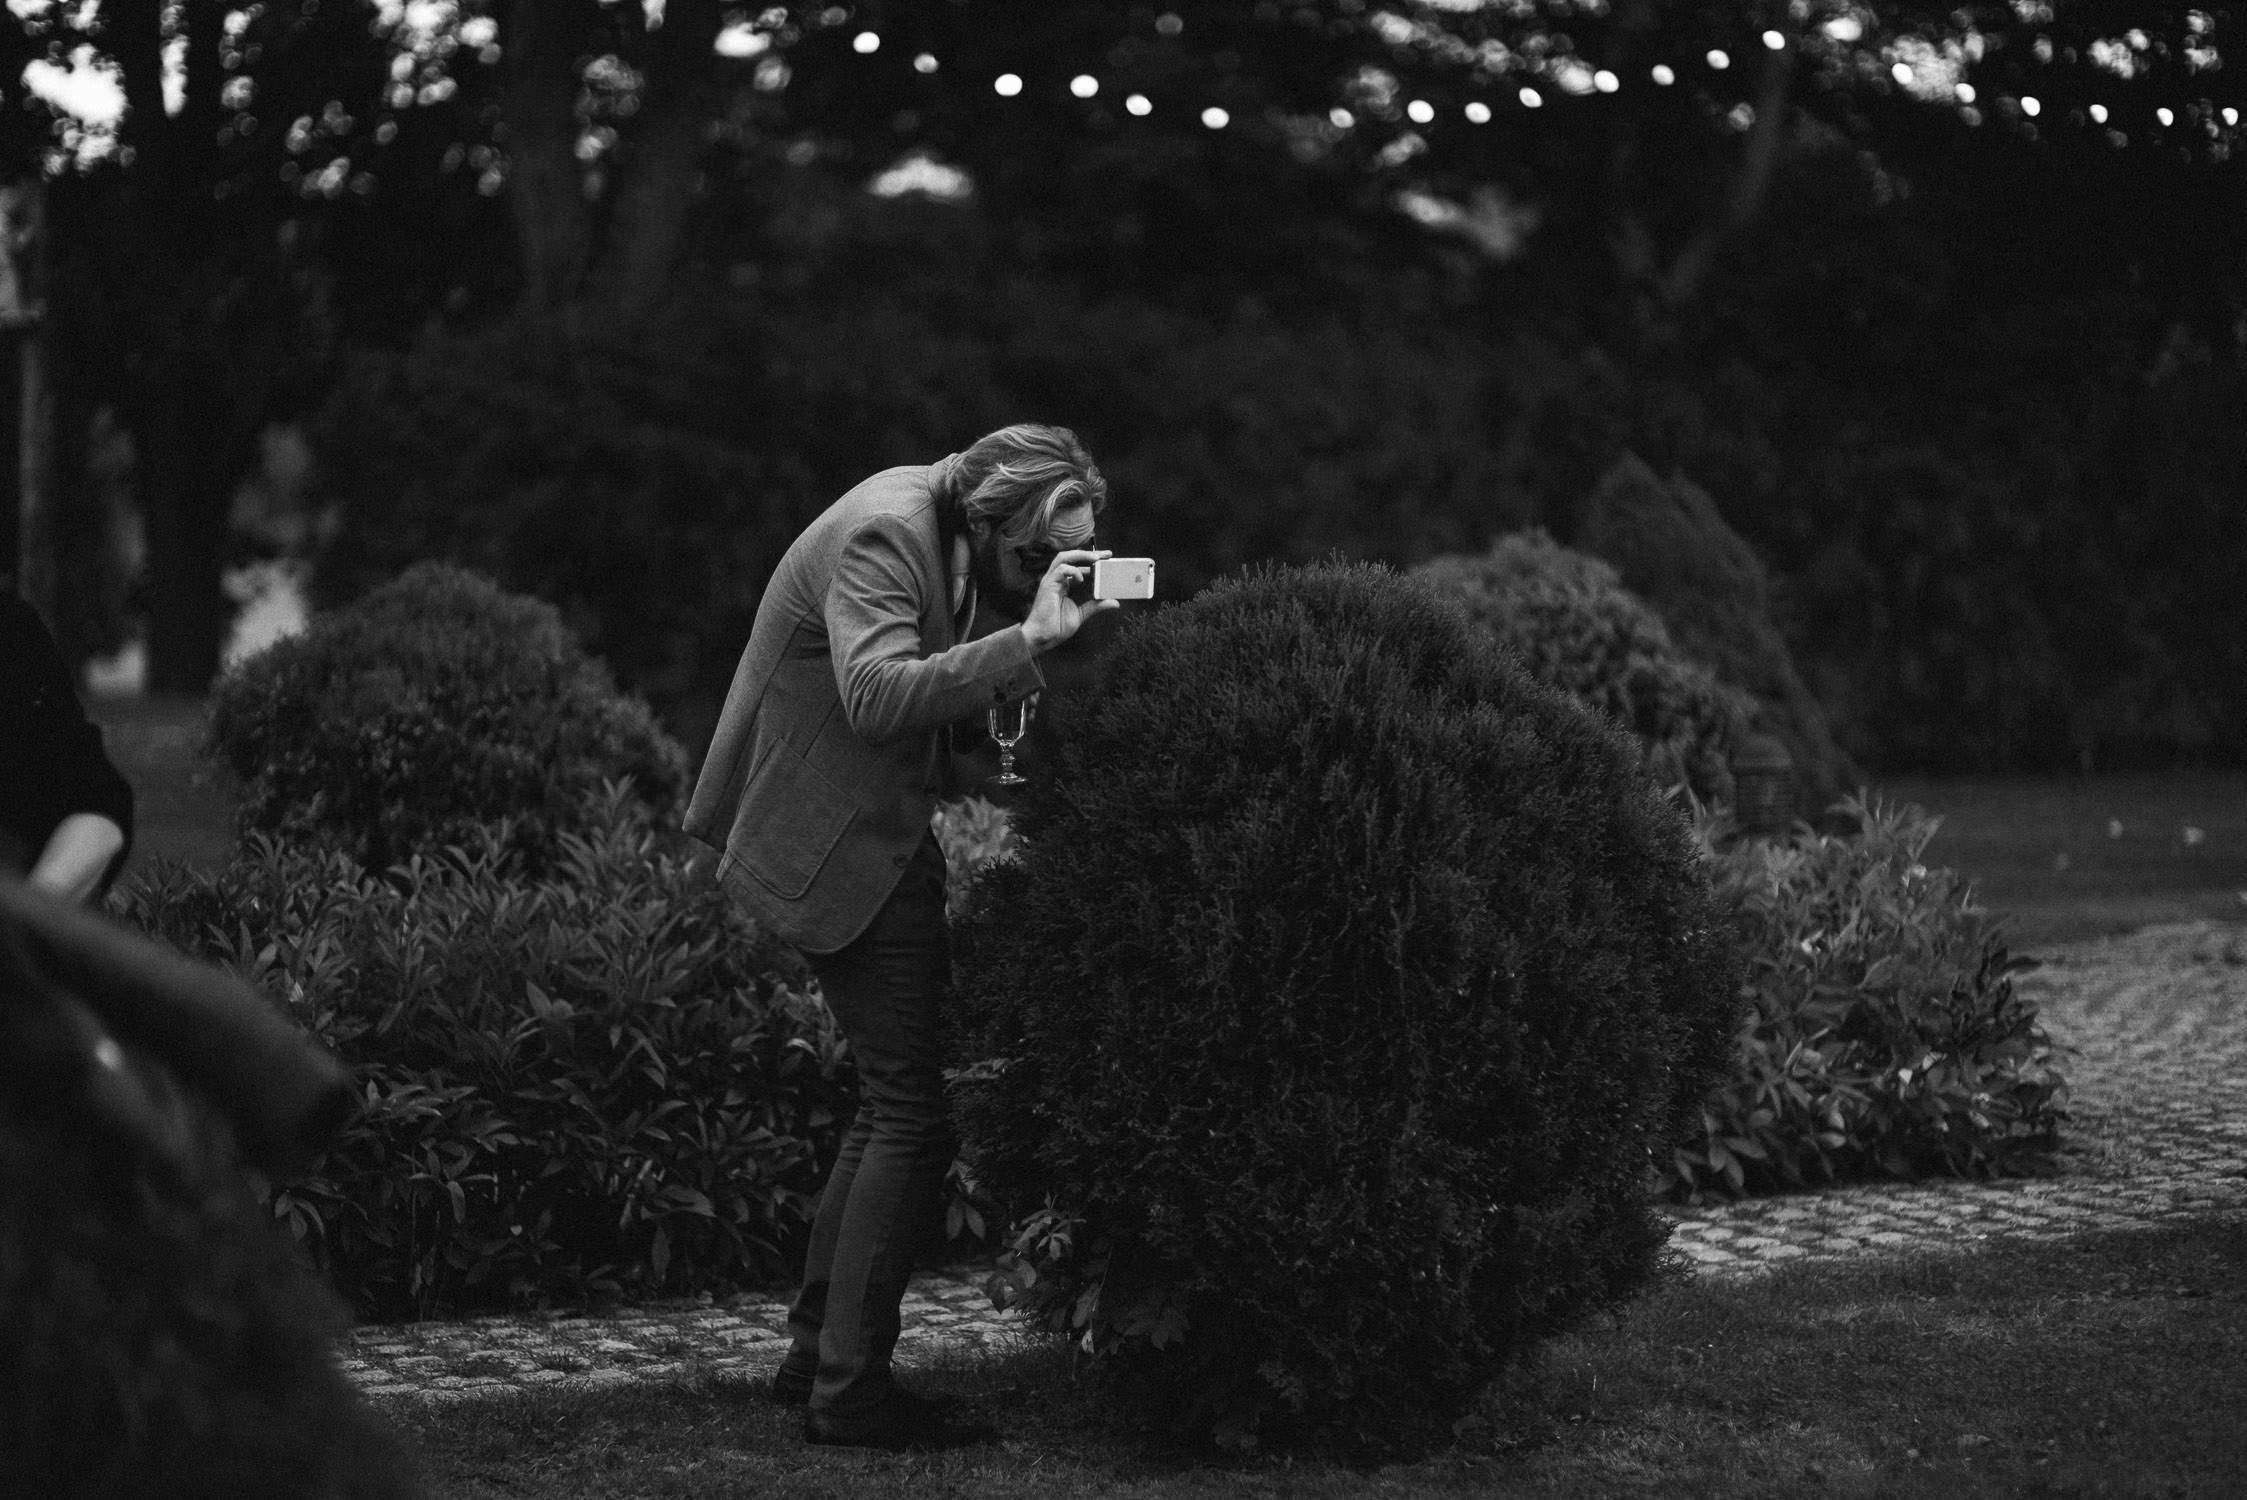 Vestuvių svečias, šiek tiek slapukaudamas, telefonu įamžina gražų vakarą Babtyno-Žemaitkiemio dvare